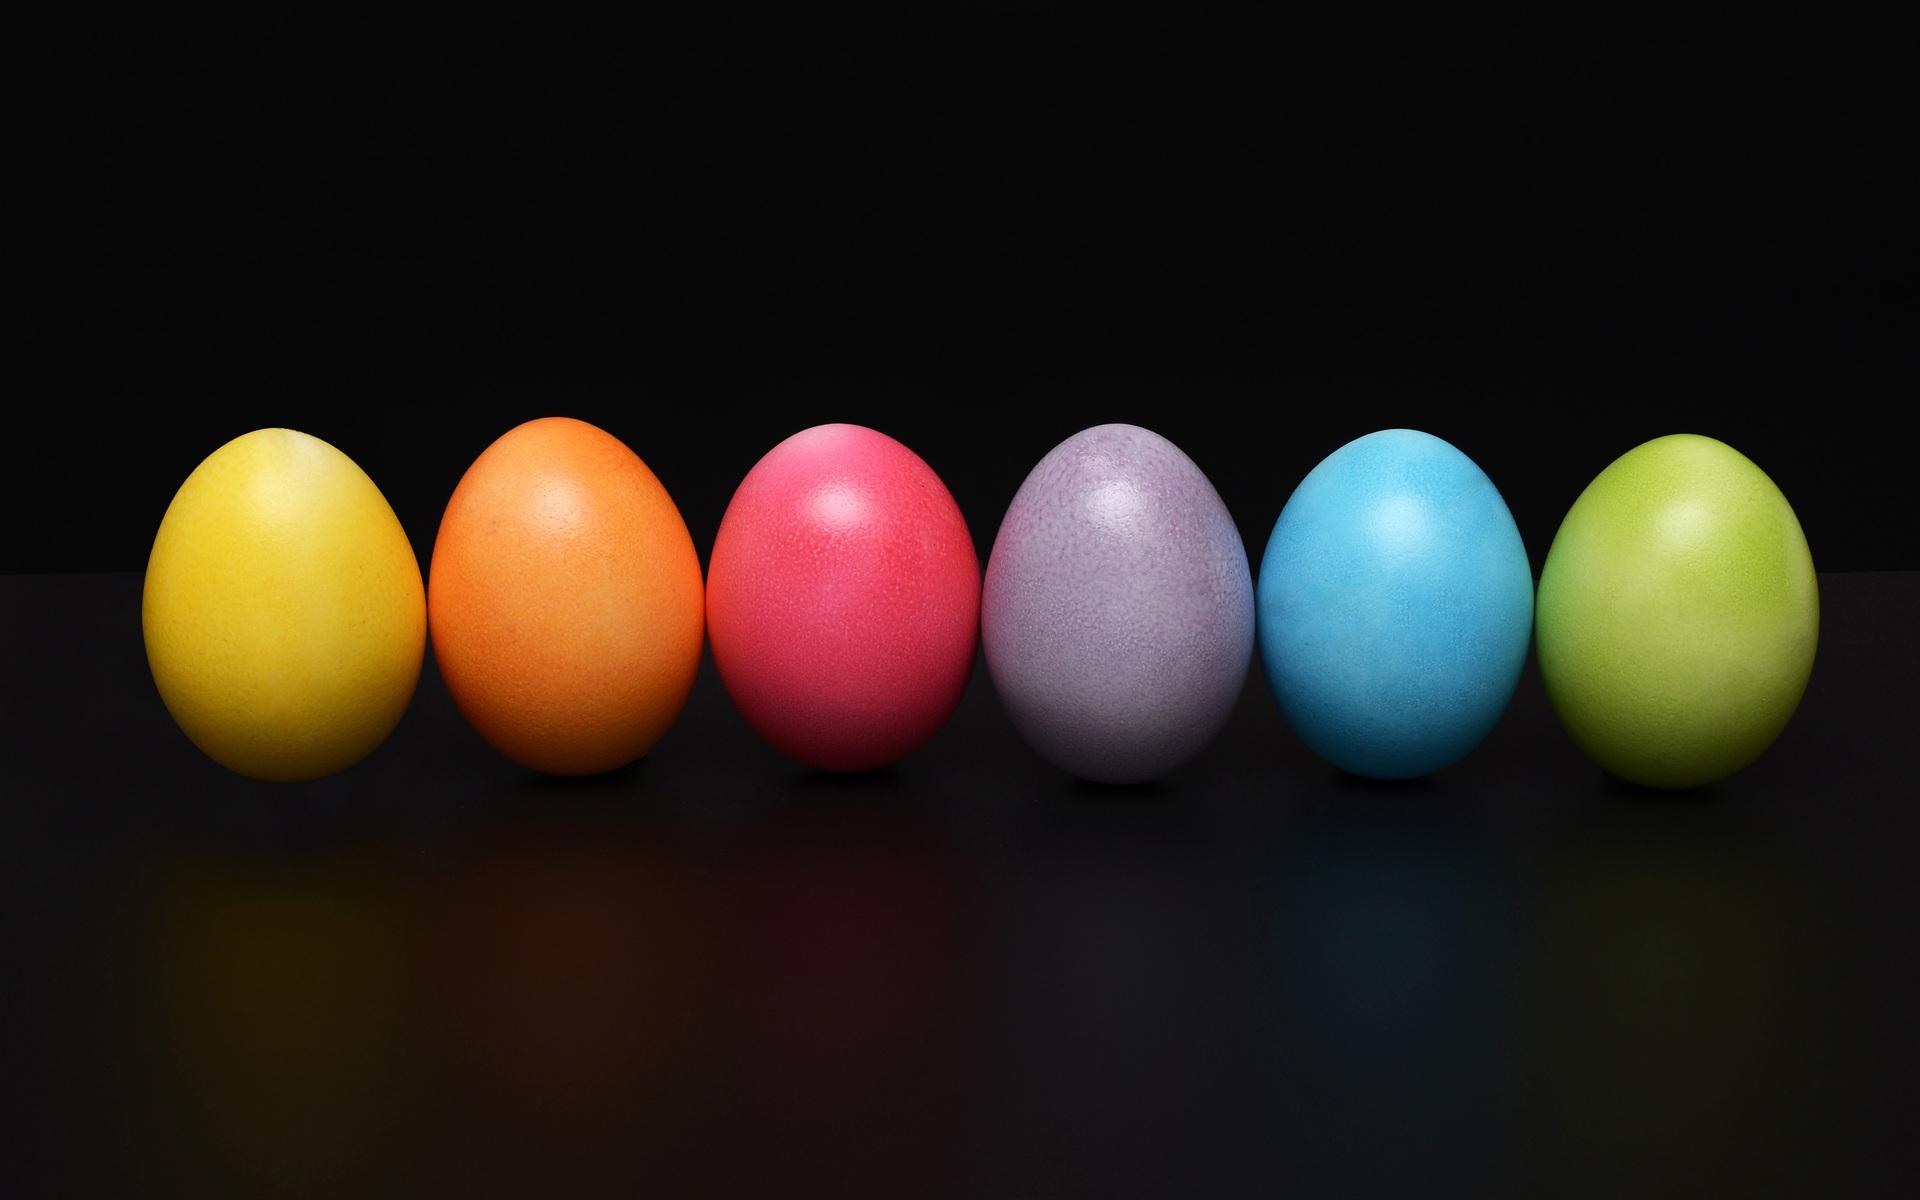 easter-eggs-colorful-em.jpg